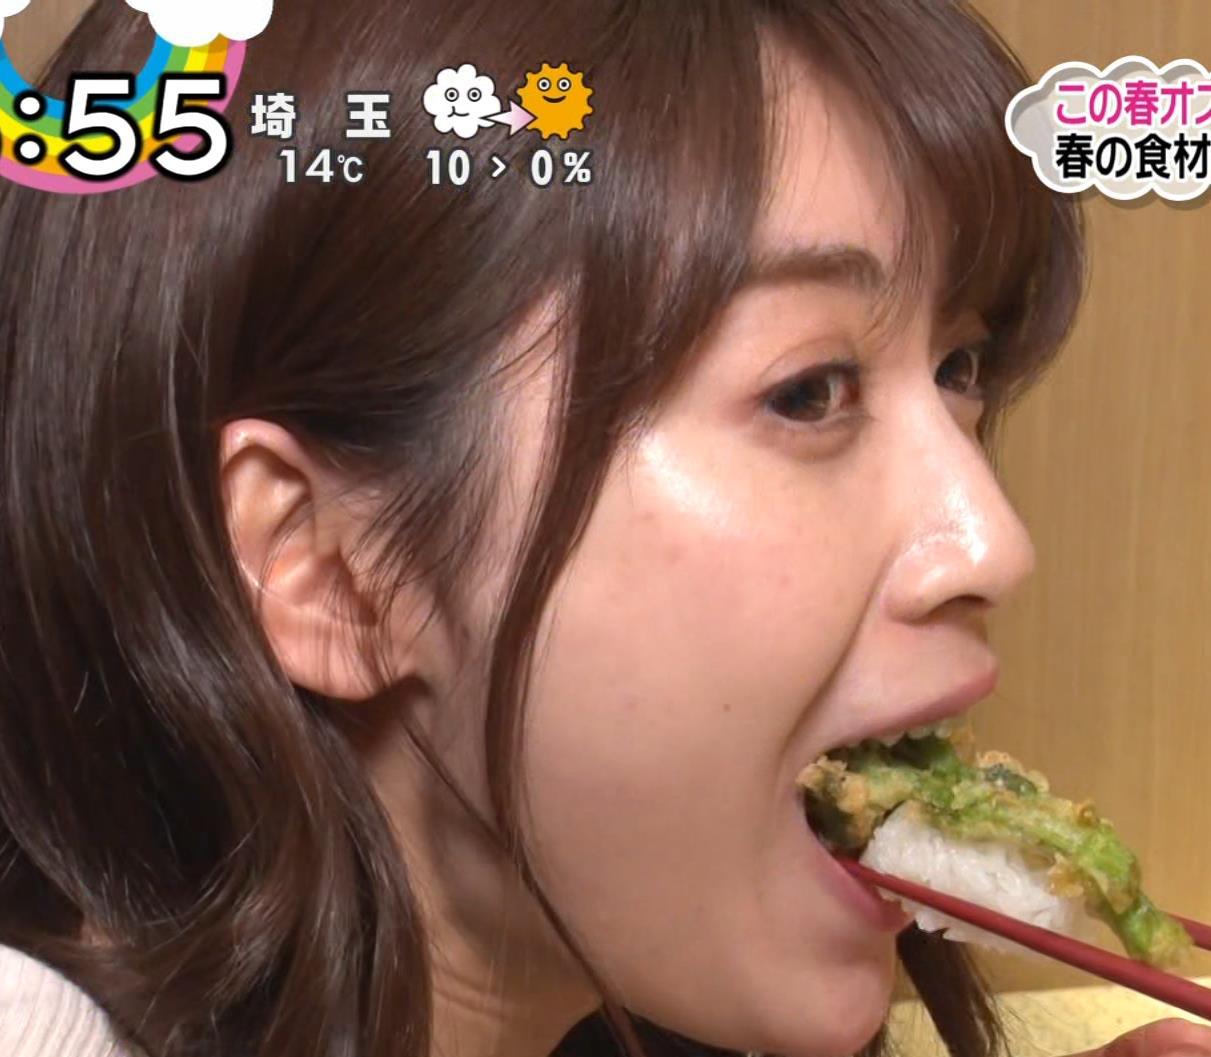 榊原美紅 モデルのニット乳と疑似フェラキャプ・エロ画像8